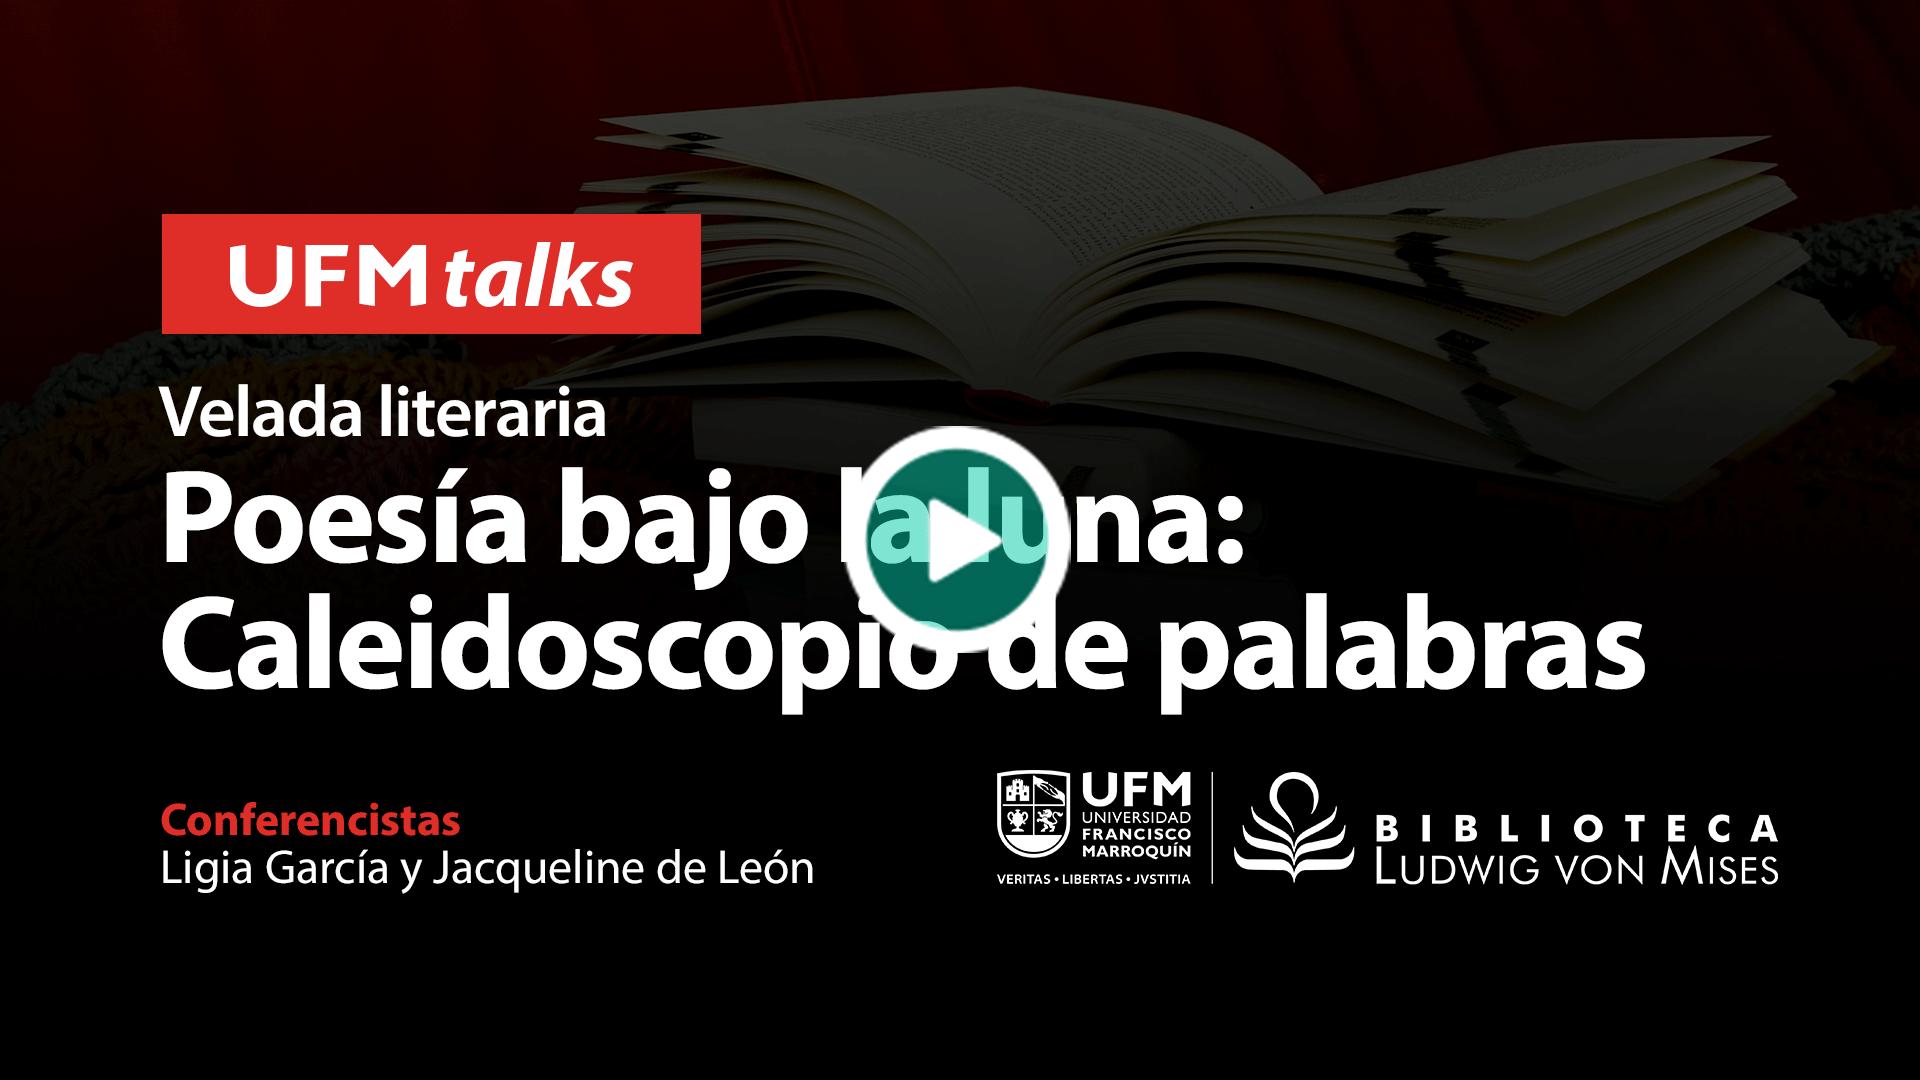 20201103_veladabiblioteca1_Velada-literaria,-Poesía-bajo-la-luna-Caleidoscopio-de-palabras